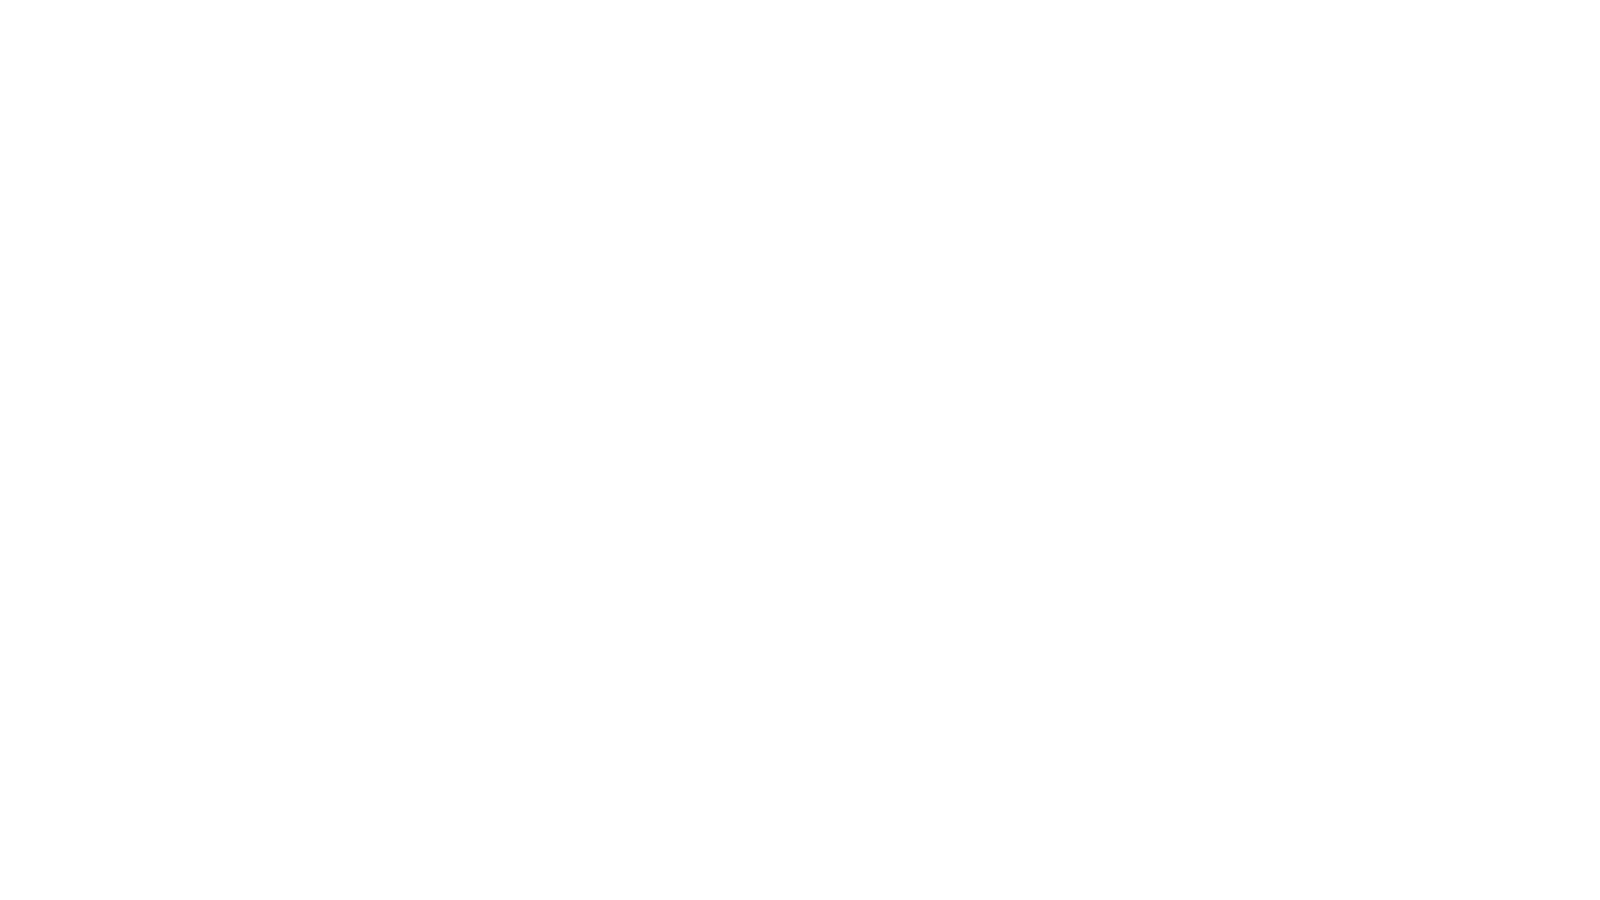 """Od kilku ksiąg podarowanych w 1472 roku przez ks. Jana Długosza rozpoczęła się historia biblioteki klasztoru OO. Paulinów na Skałce, znajdującej się w południowej emporze bazyliki, w bezpośrednim sąsiedztwie prezbiterium. To miejsce odwiedzili z kamerą dziennikarze Magazynu Dobre Książki, aby w krótkim filmie dokumentalnym opowiedzieć państwu o wyjątkowych zbiorach i nietypowym pomieszczeniu, w którym są przechowywane.    W filmie wykorzystano utwory w wykonaniu Scholi Gregoriana Cardinalis Stephani Wyszyński pochodzące z płyty """"Jasnogórska Muzyka Dawna Musica Claromontana"""" vol. 61. Dziękujemy twórcom za tę możliwość.   Więcej informacji o programie zwiedzania zabytkowych bibliotek zainicjowanym przez Magazyn Dobre Książki i relację z planu zdjęciowego znajdą Państwo pod poniższym linkiem: https://www.dobreksiazkimag.pl/?p=55409  Nagranie współfinansowane przez Narodowy Instytut Wolności - Centrum Rozwoju Społeczeństwa Obywatelskiego ze środków Programu Wsparcia Doraźnego w Zakresie Przeciwdziałania COVID - 19. Dziękujemy!"""